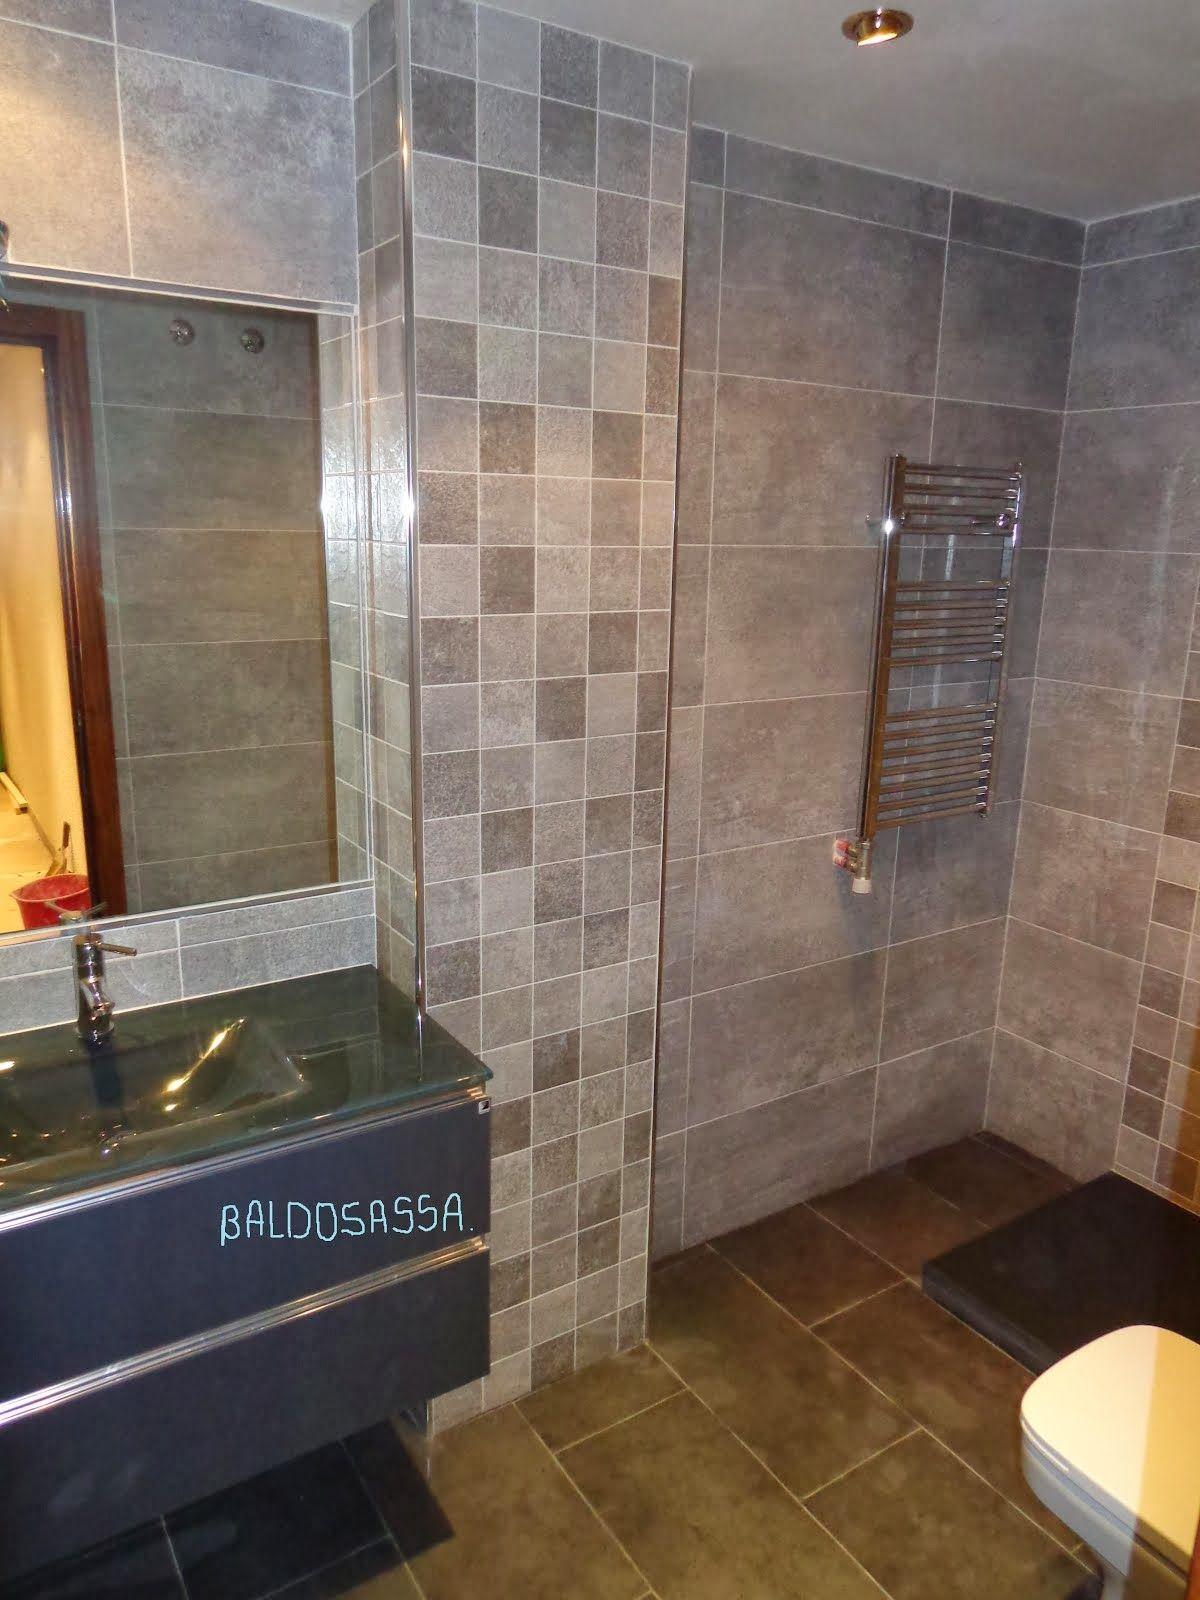 radiador toallero dentro ducha - buscar con google | decoración